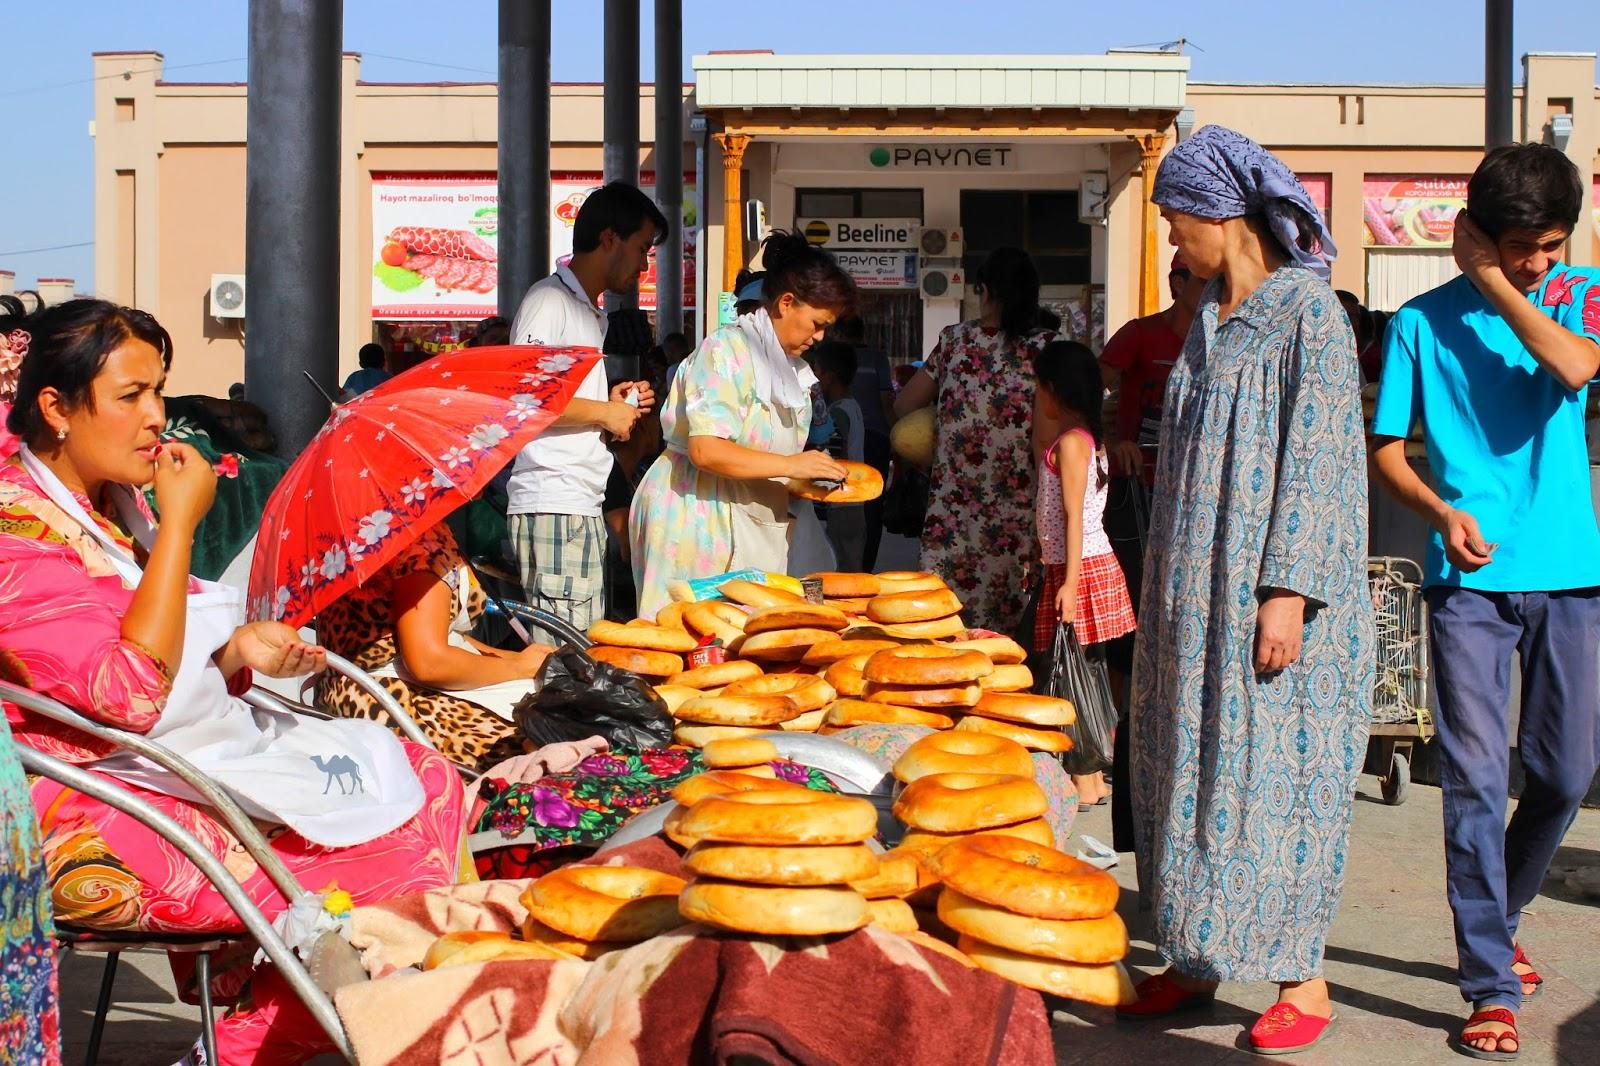 Le Chameau Bleu - Vendeuse de pain au bazar de Samarcande